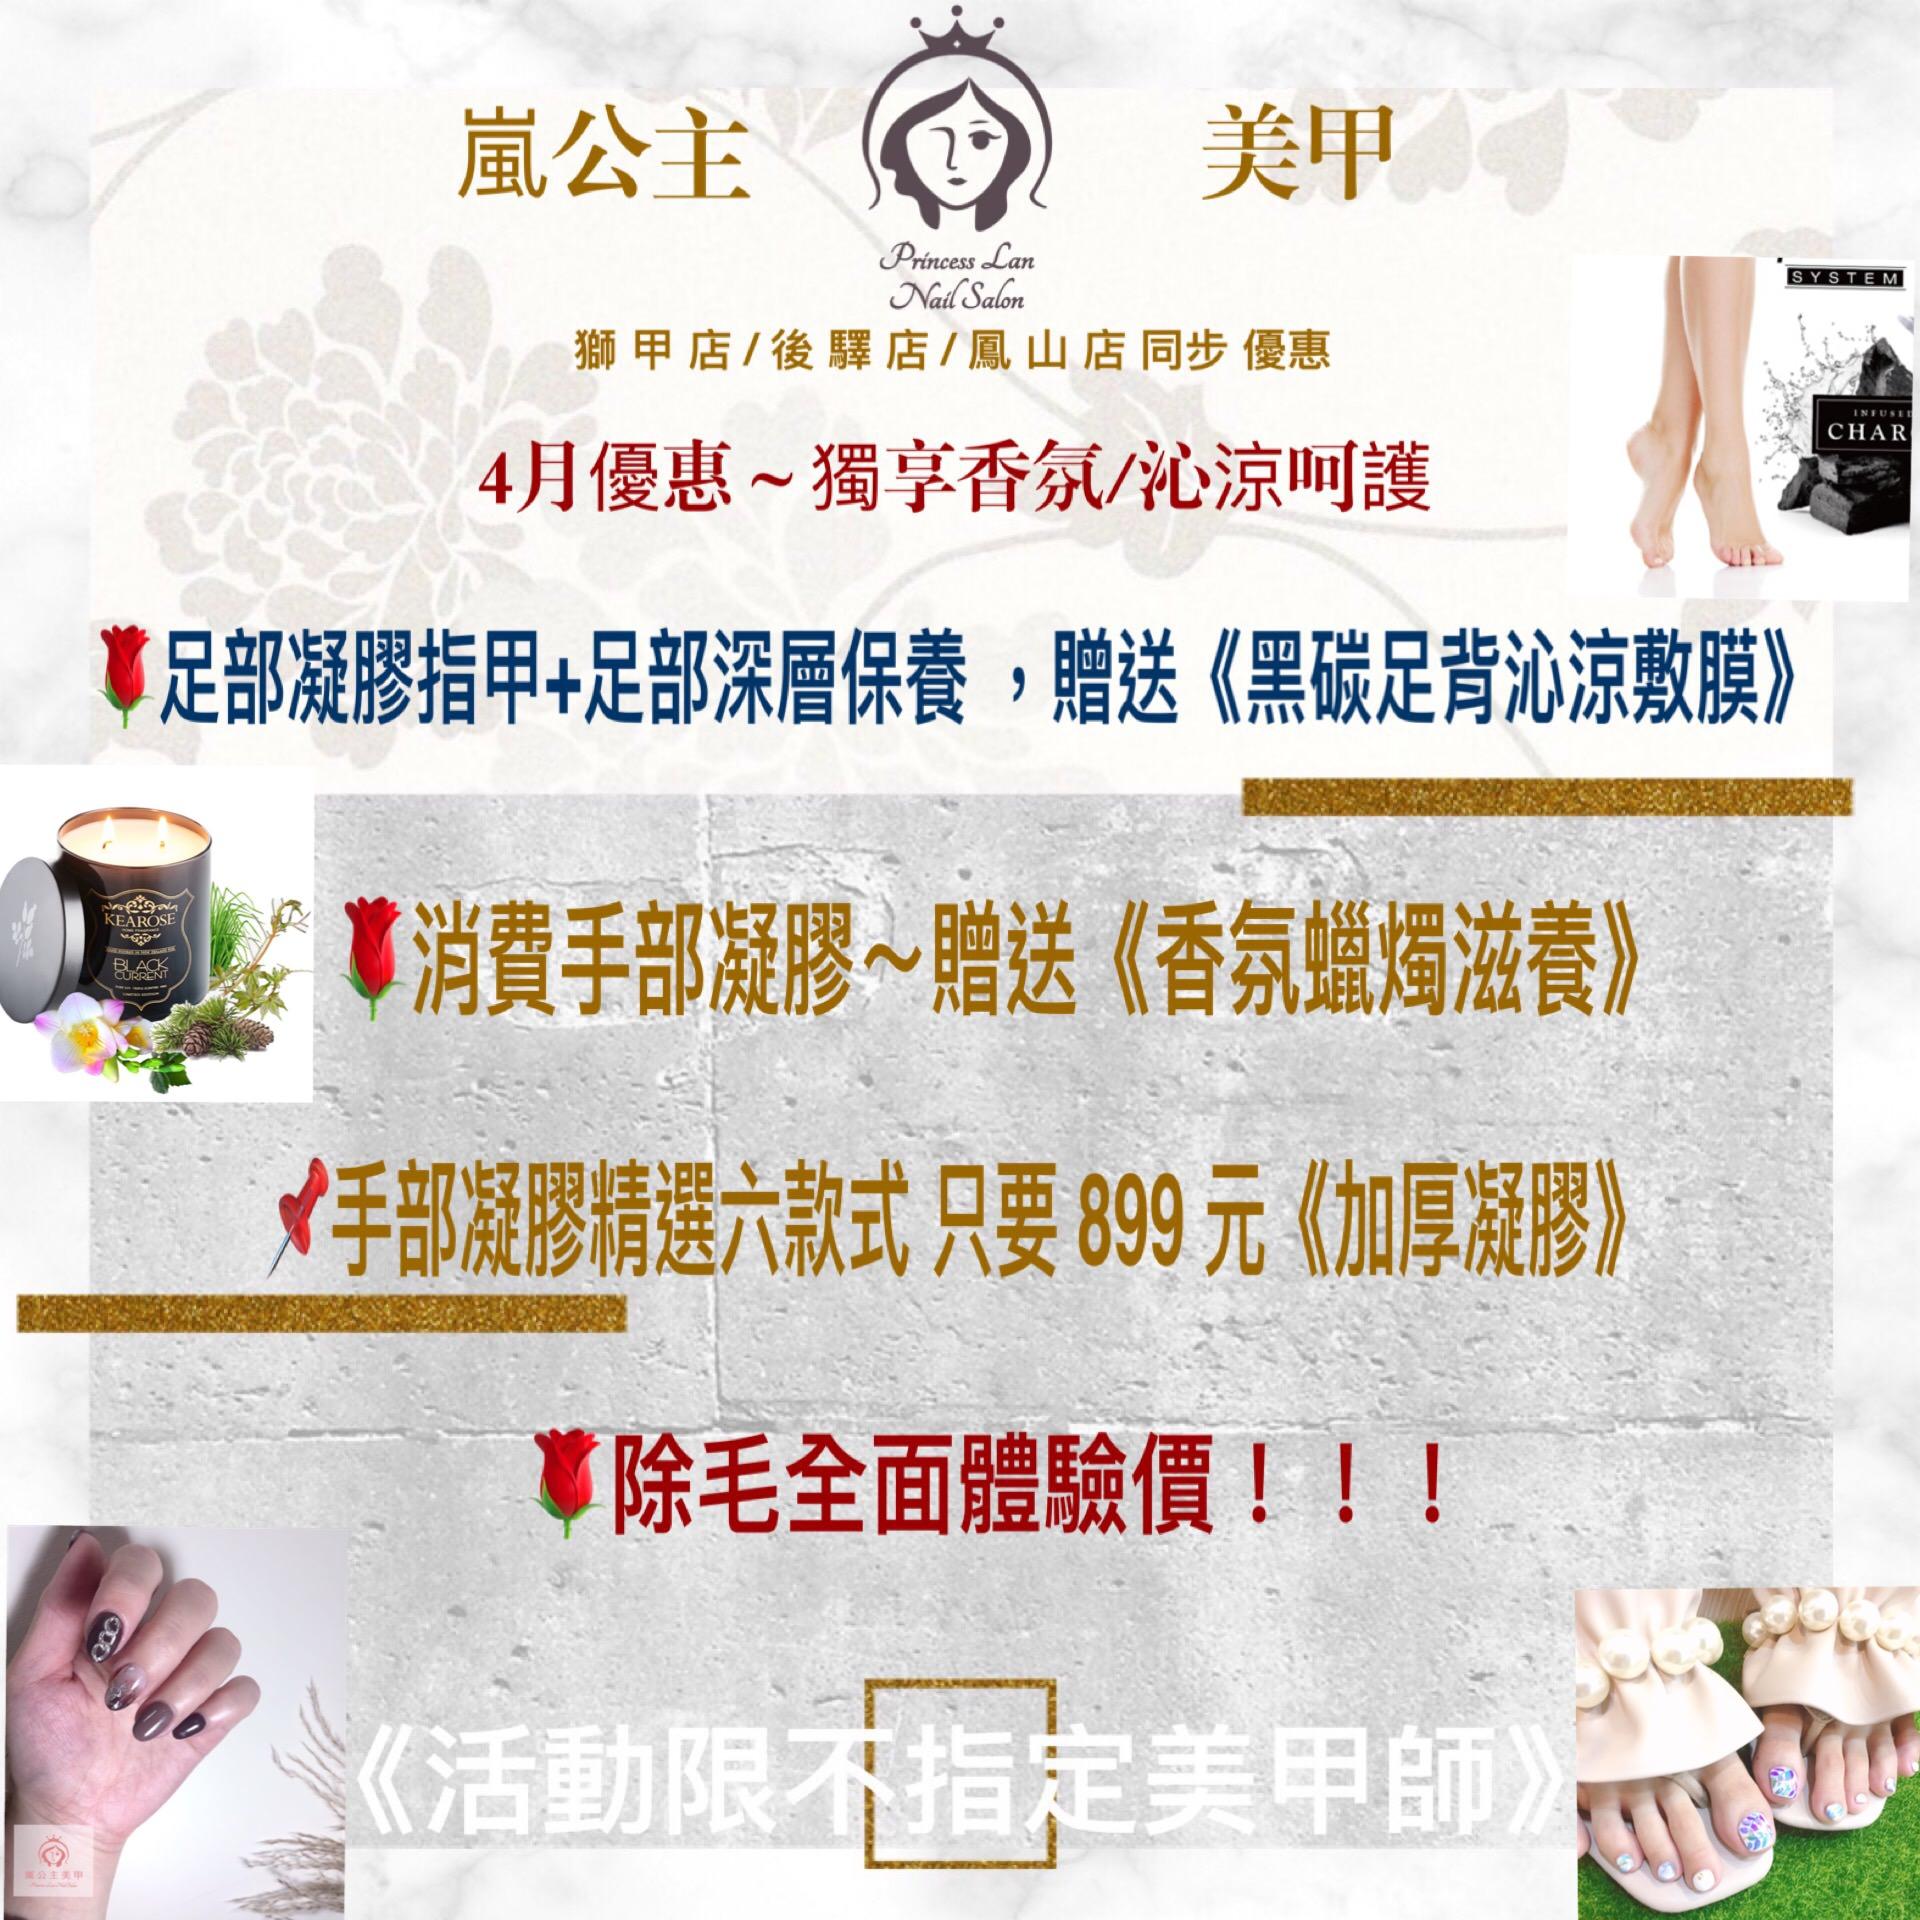 嵐公主美甲 獅甲店、後驛店、鳳山店 4月優惠活動